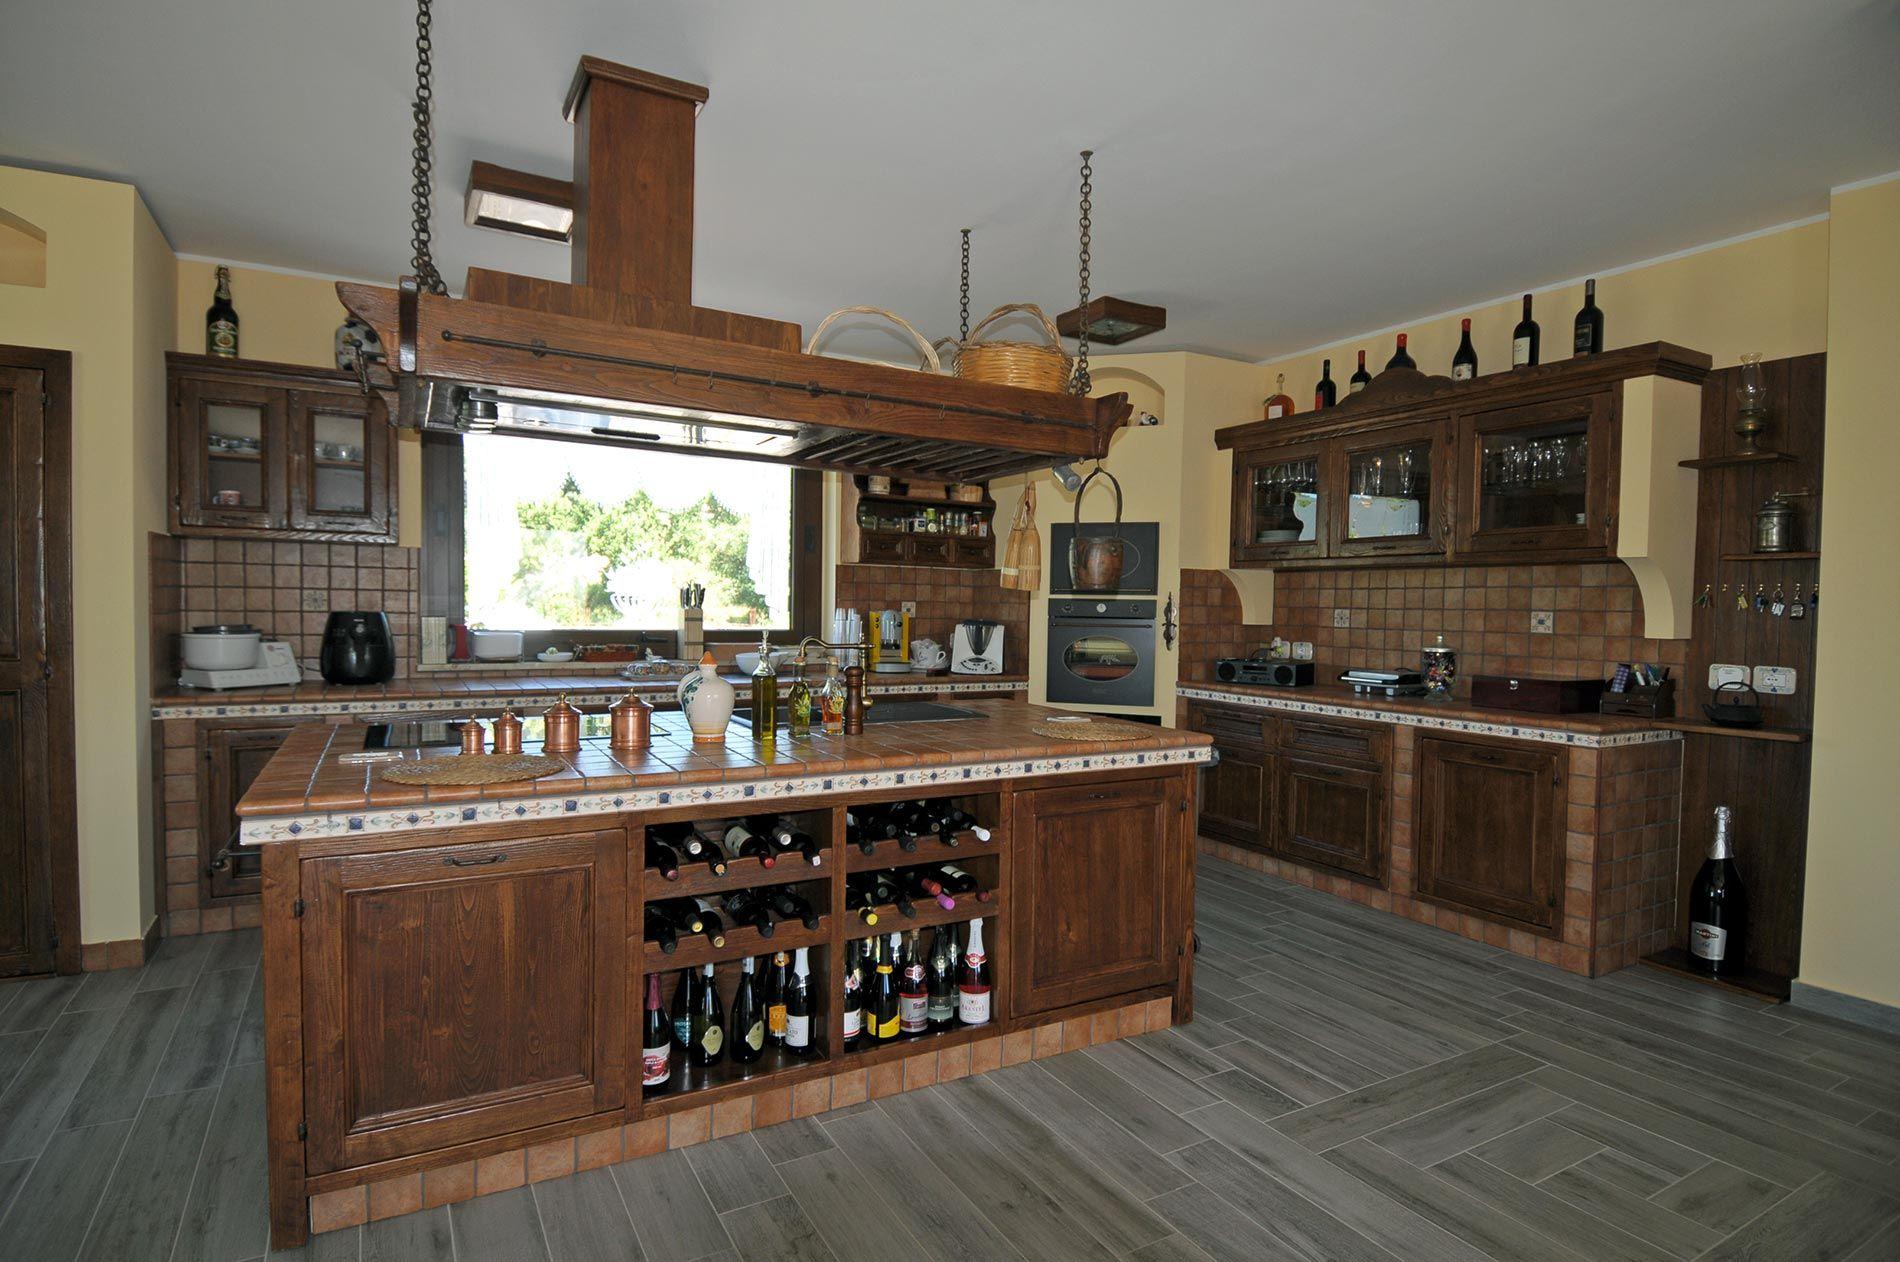 Cucine In Muratura Con Isola Centrale - Le migliori idee di design ...